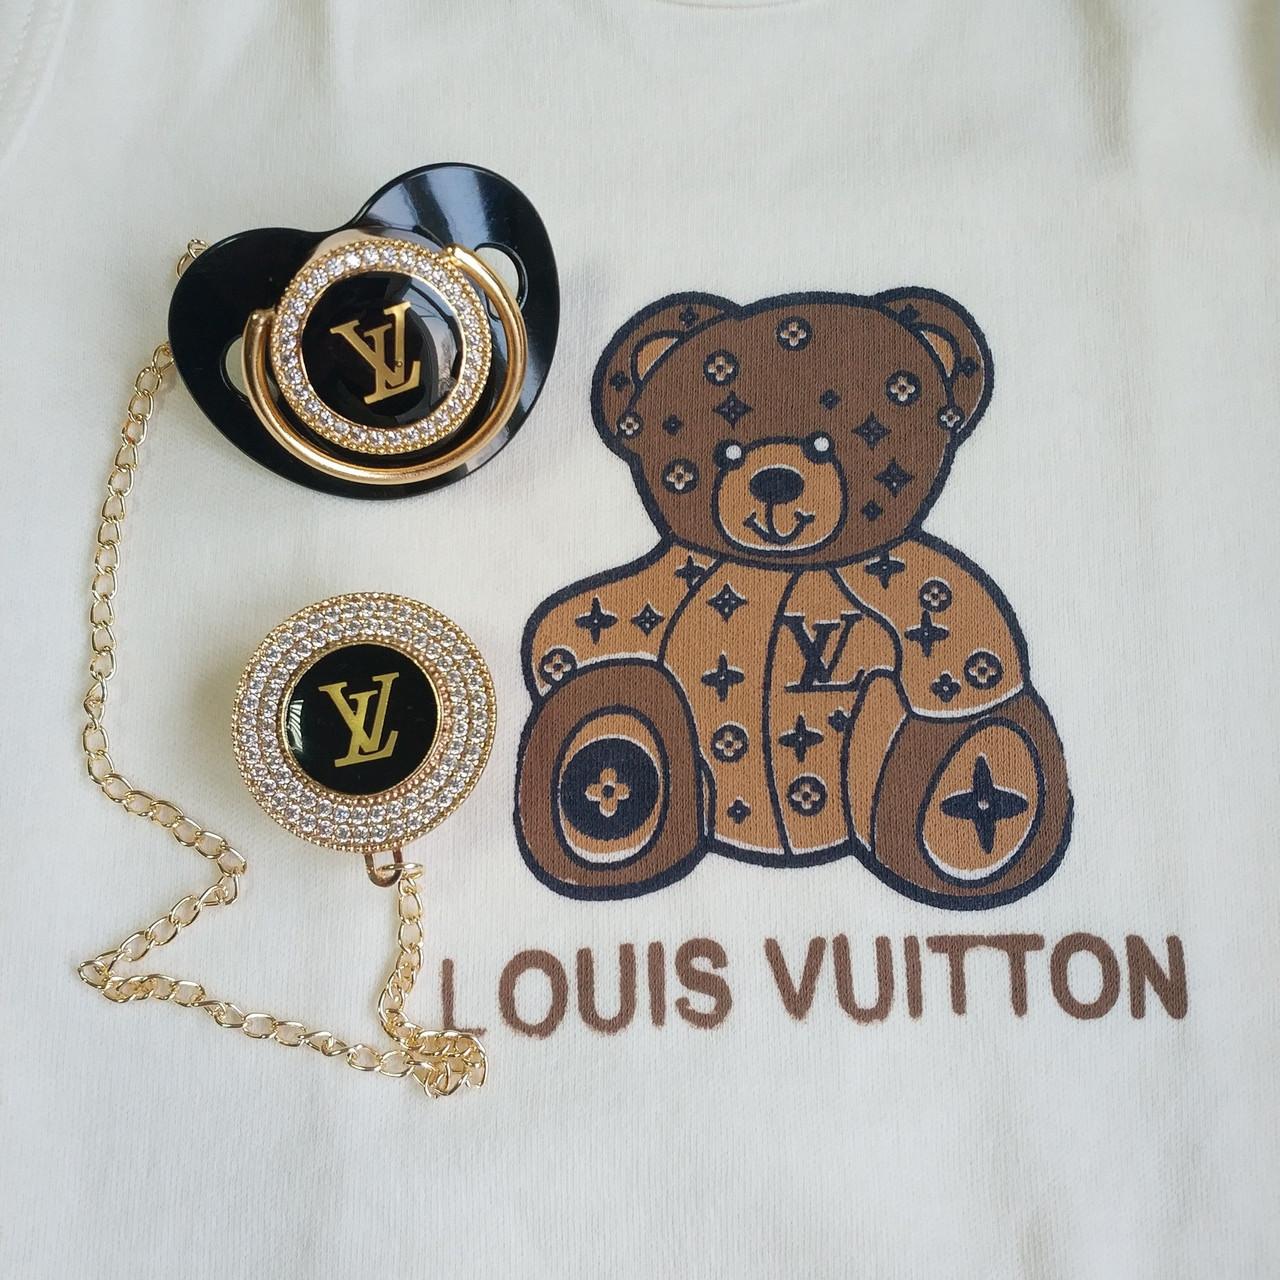 Пустышка, соска со стразами Louis Vuitton и держатель, комплект